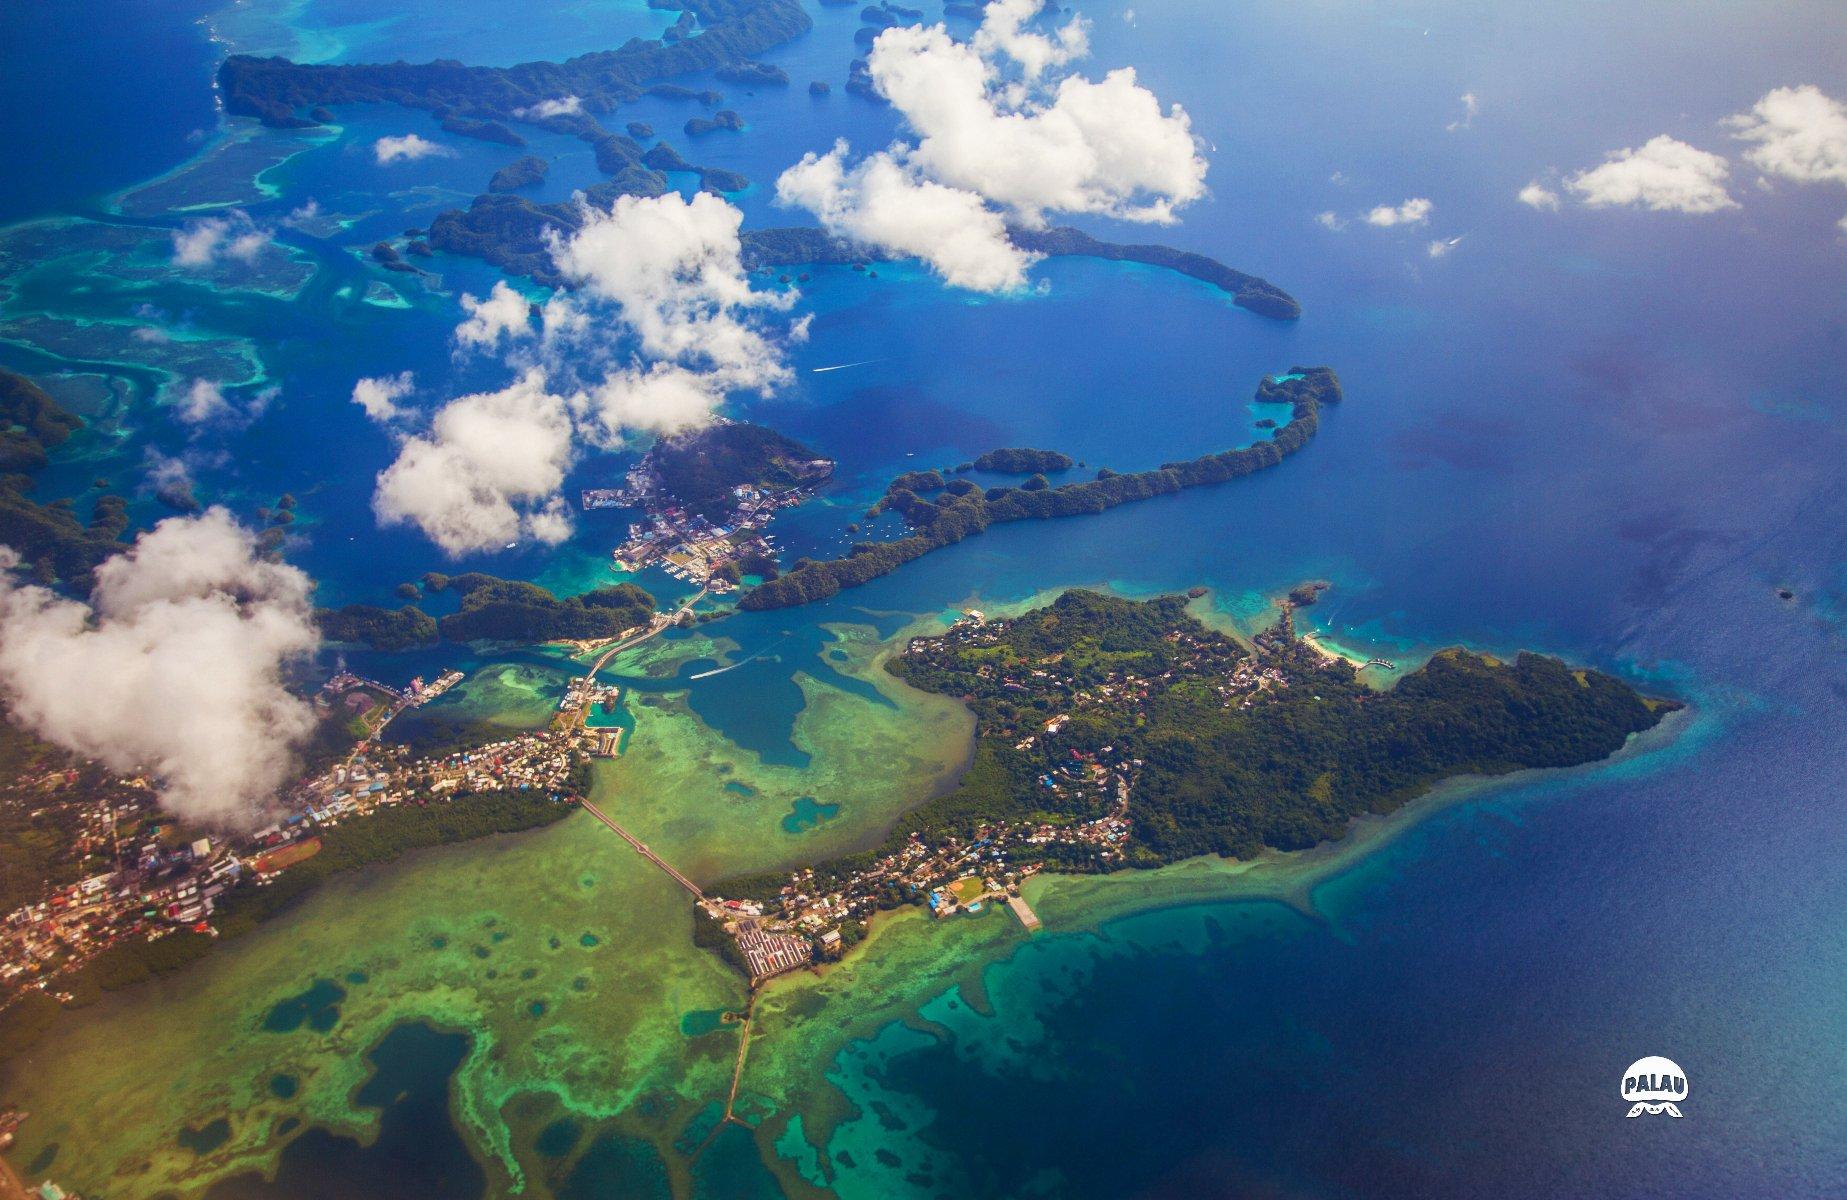 【在七色琉璃海,做上帝的一尾鱼】——水下/航拍/延时/帕劳海陆空多维度全解析